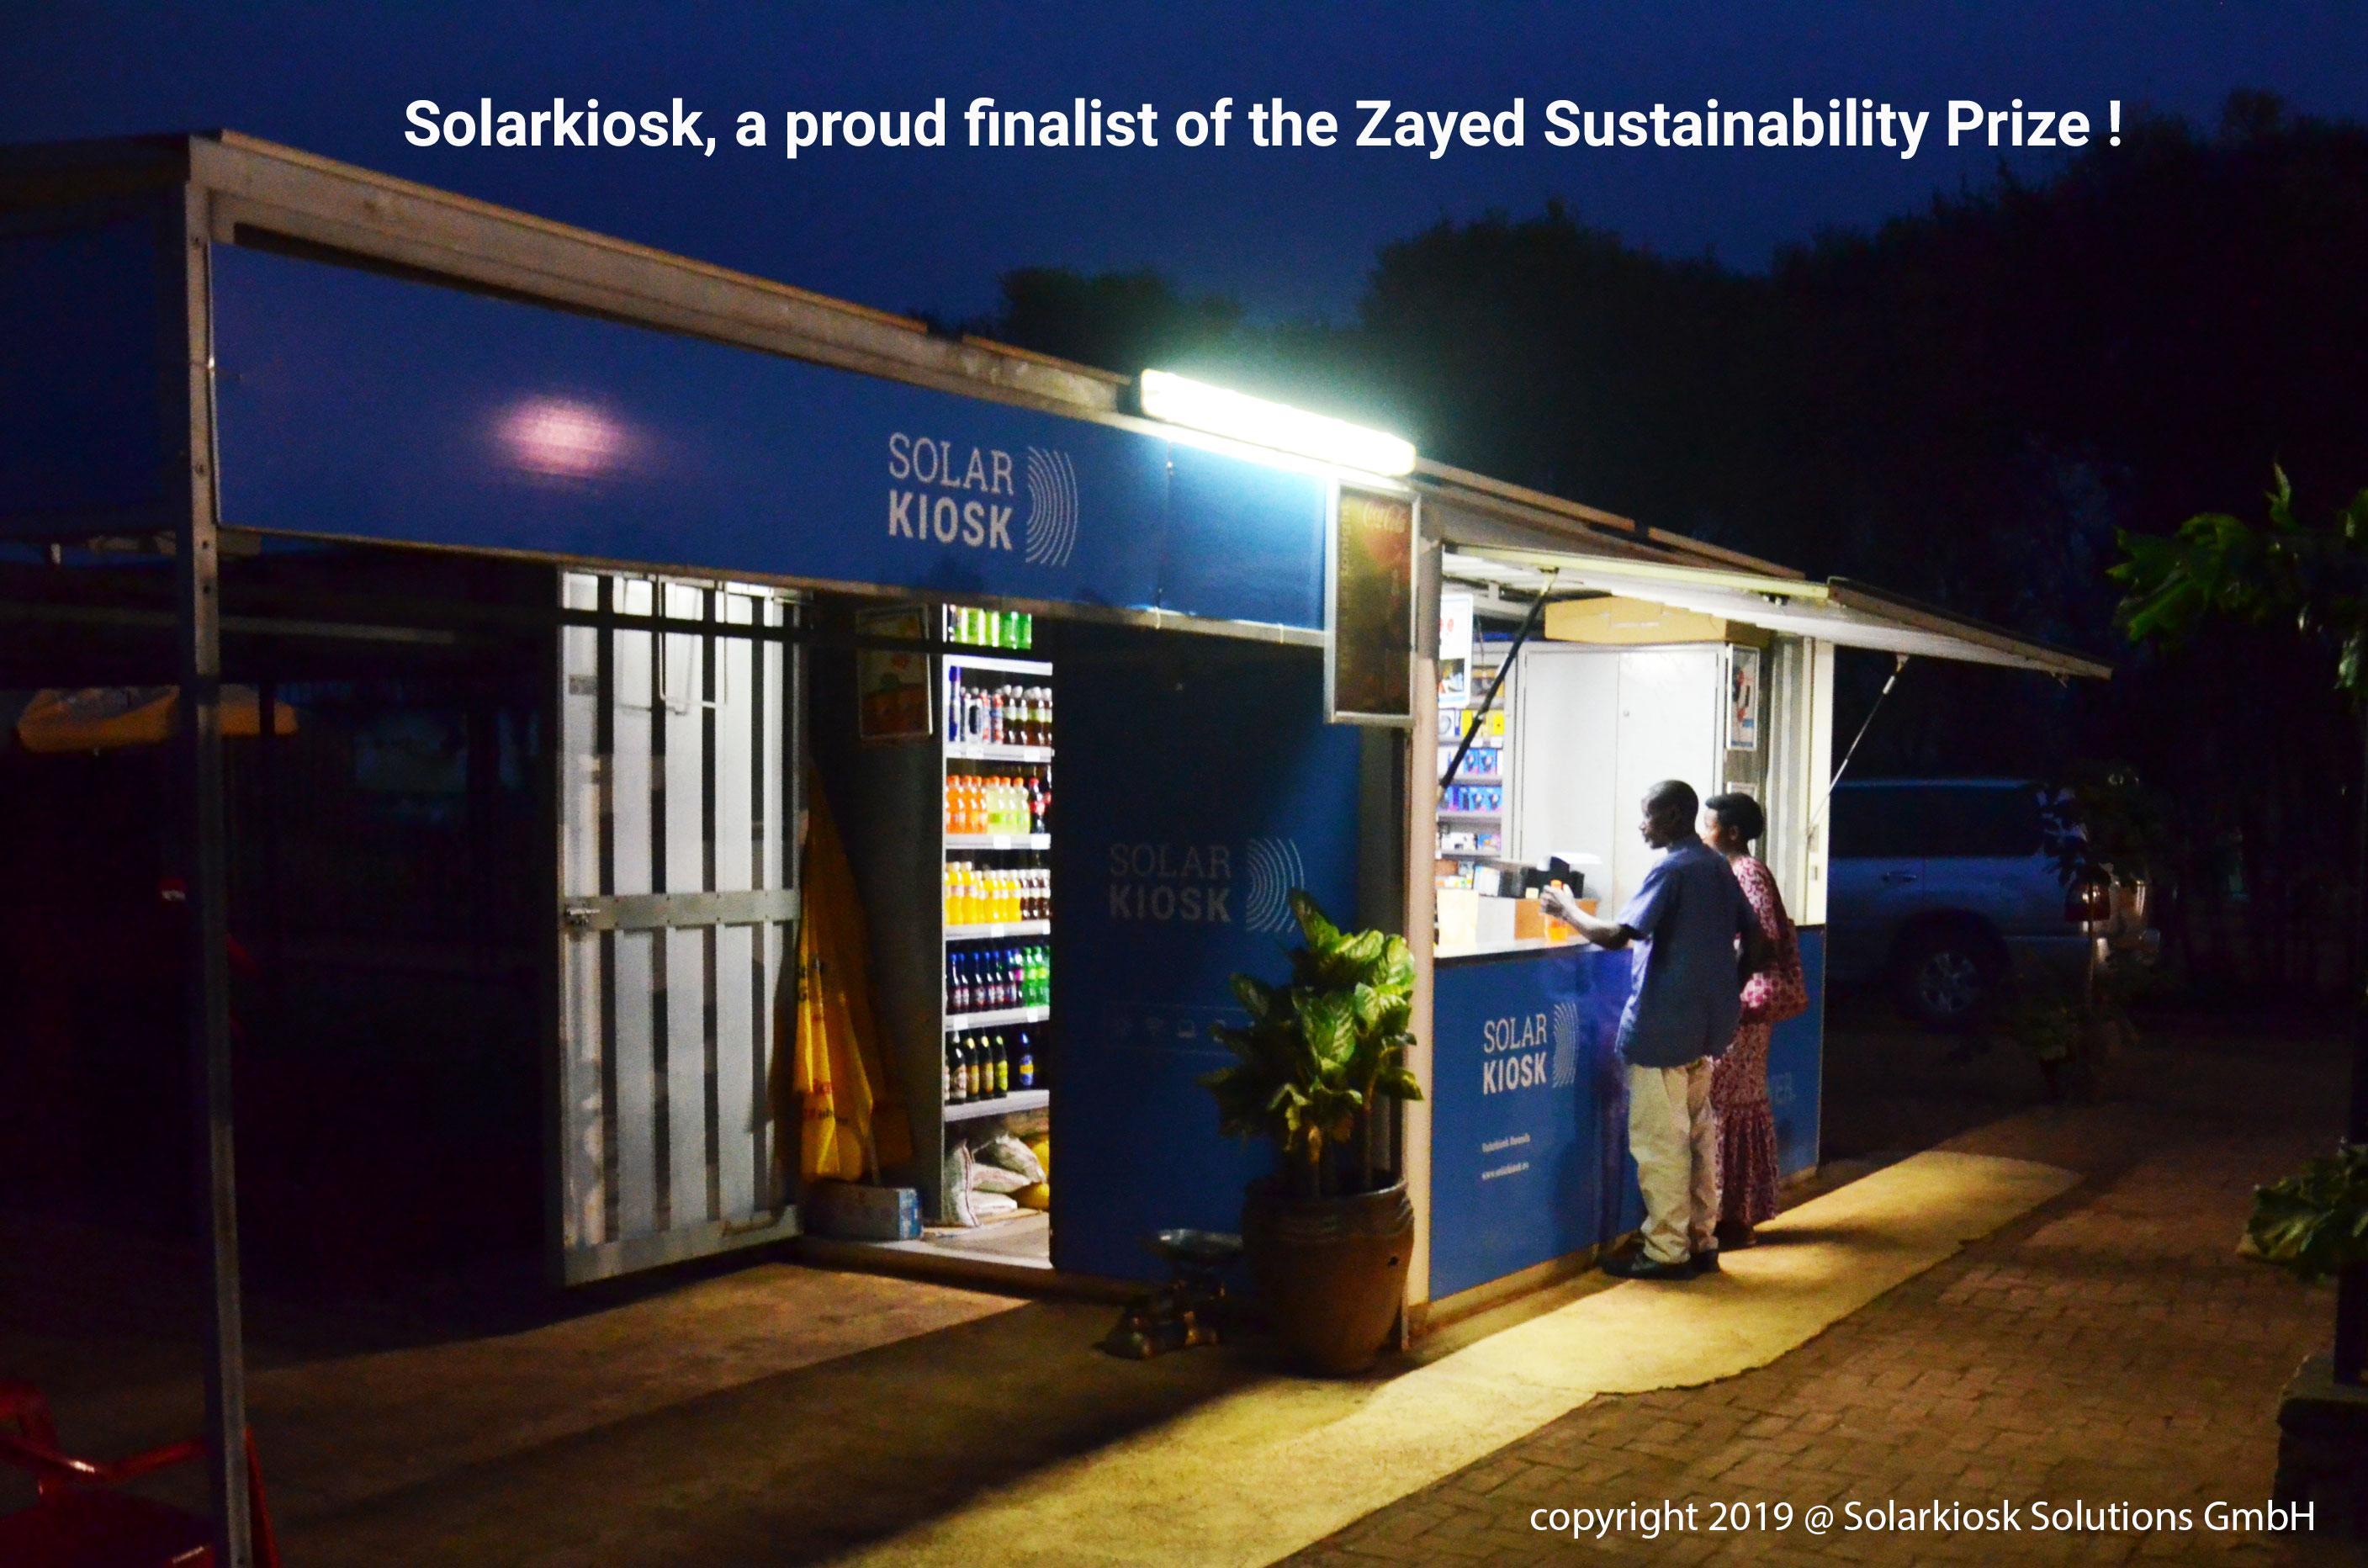 Solarkiosk E HUBB in the evening